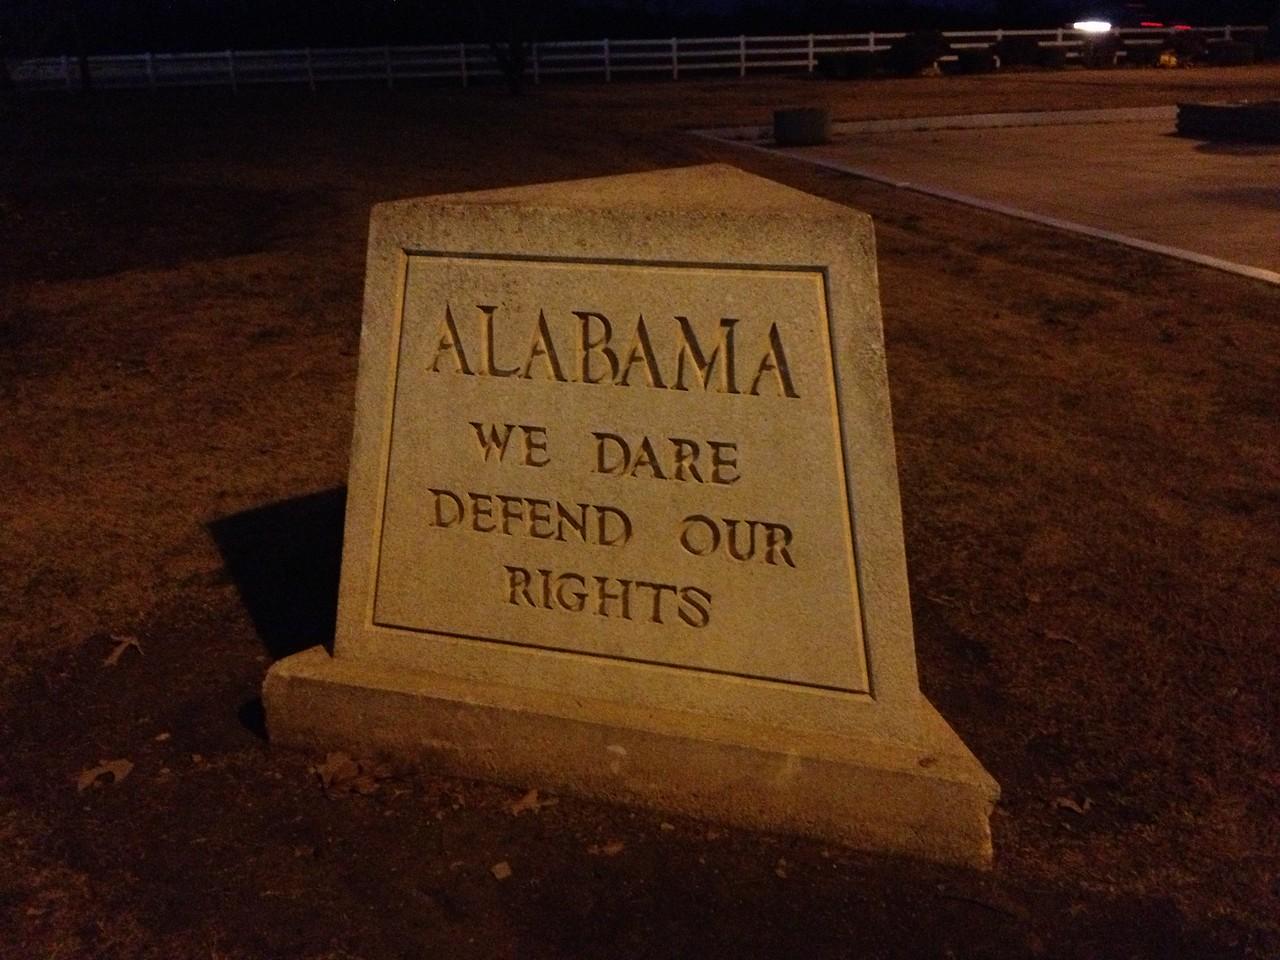 Alabama 2012